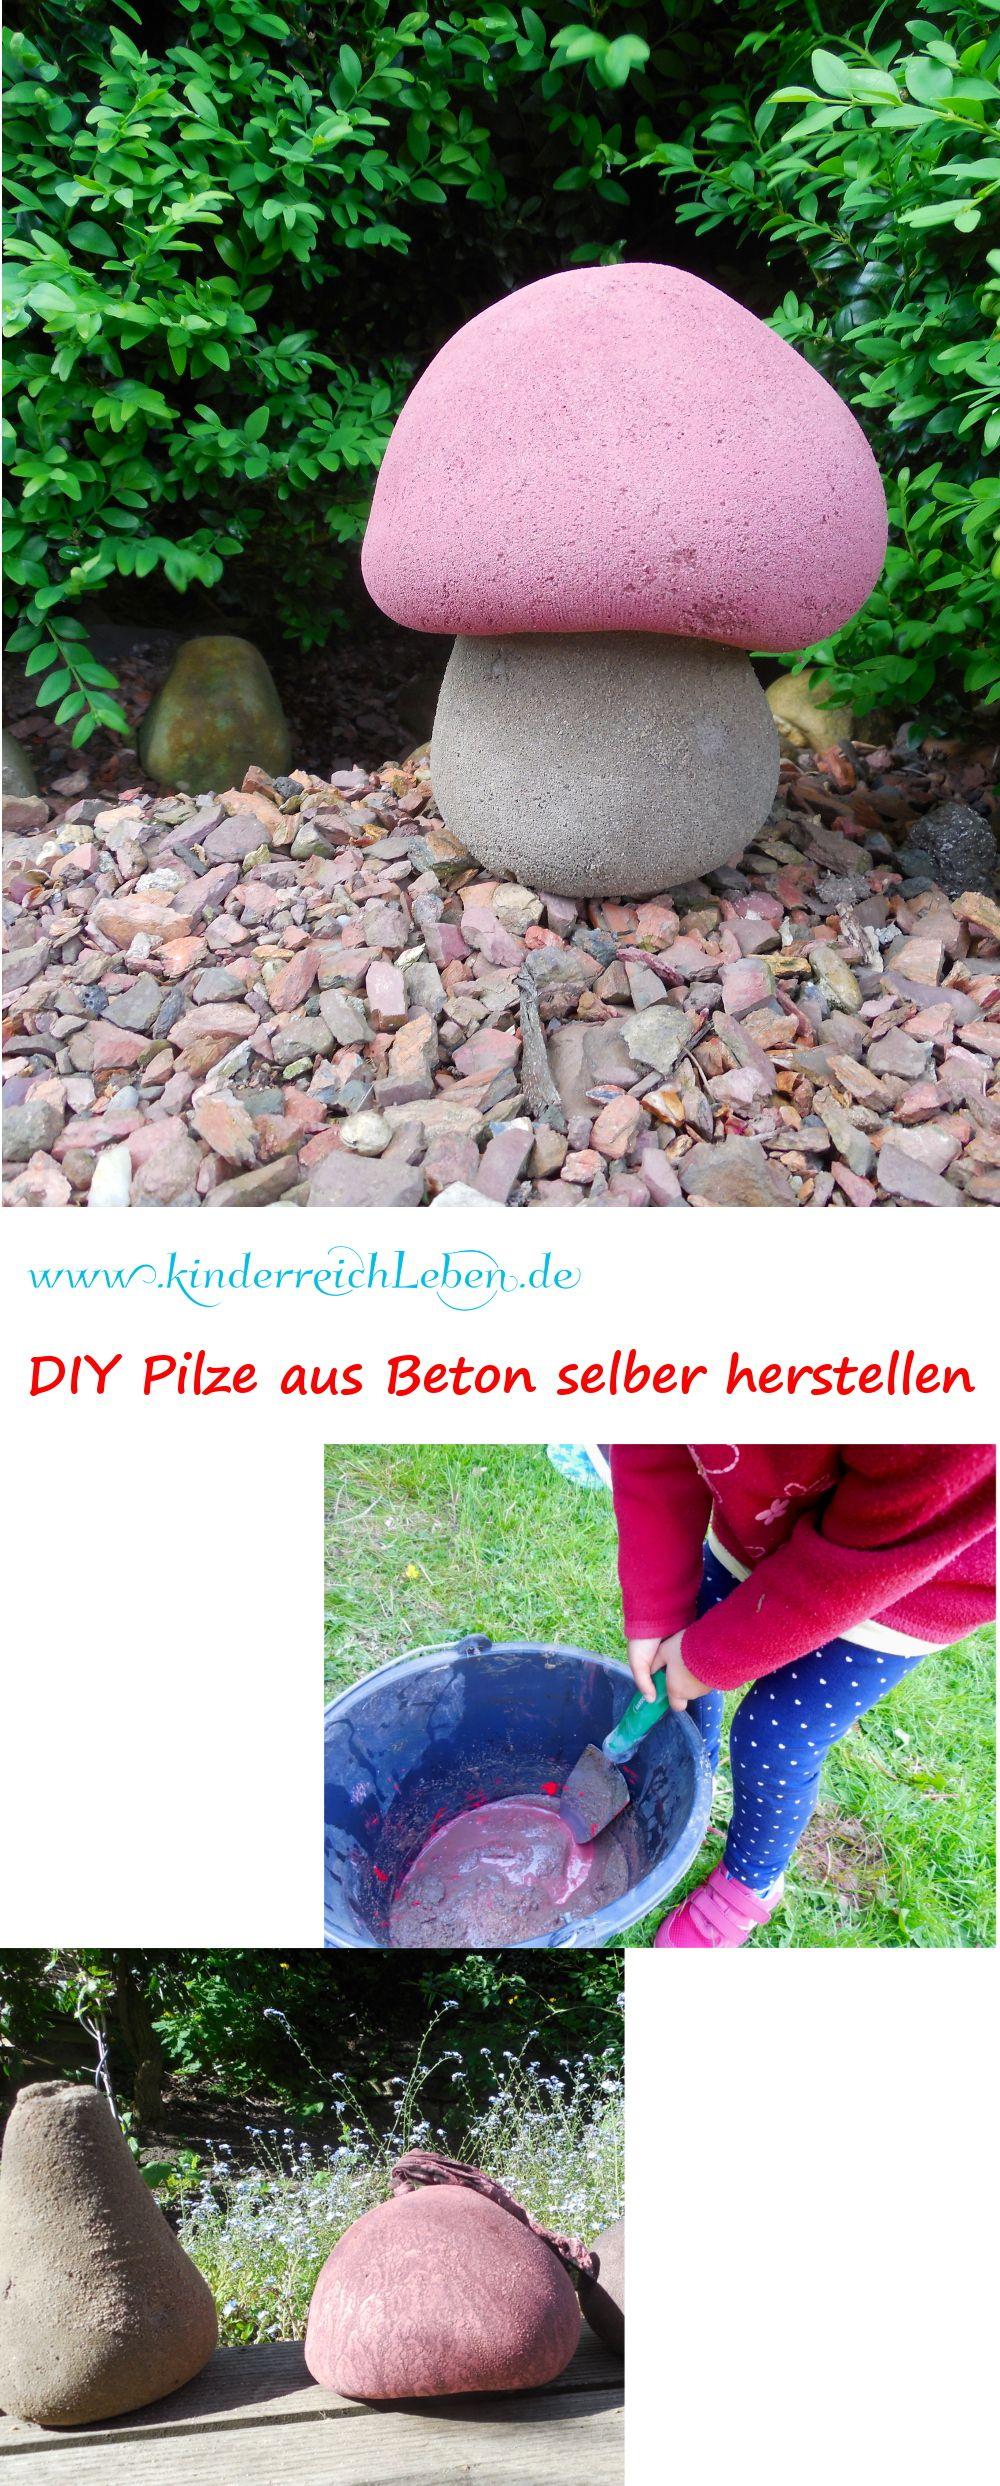 betonpilze diy anleitung pilze aus beton selber machen. Black Bedroom Furniture Sets. Home Design Ideas